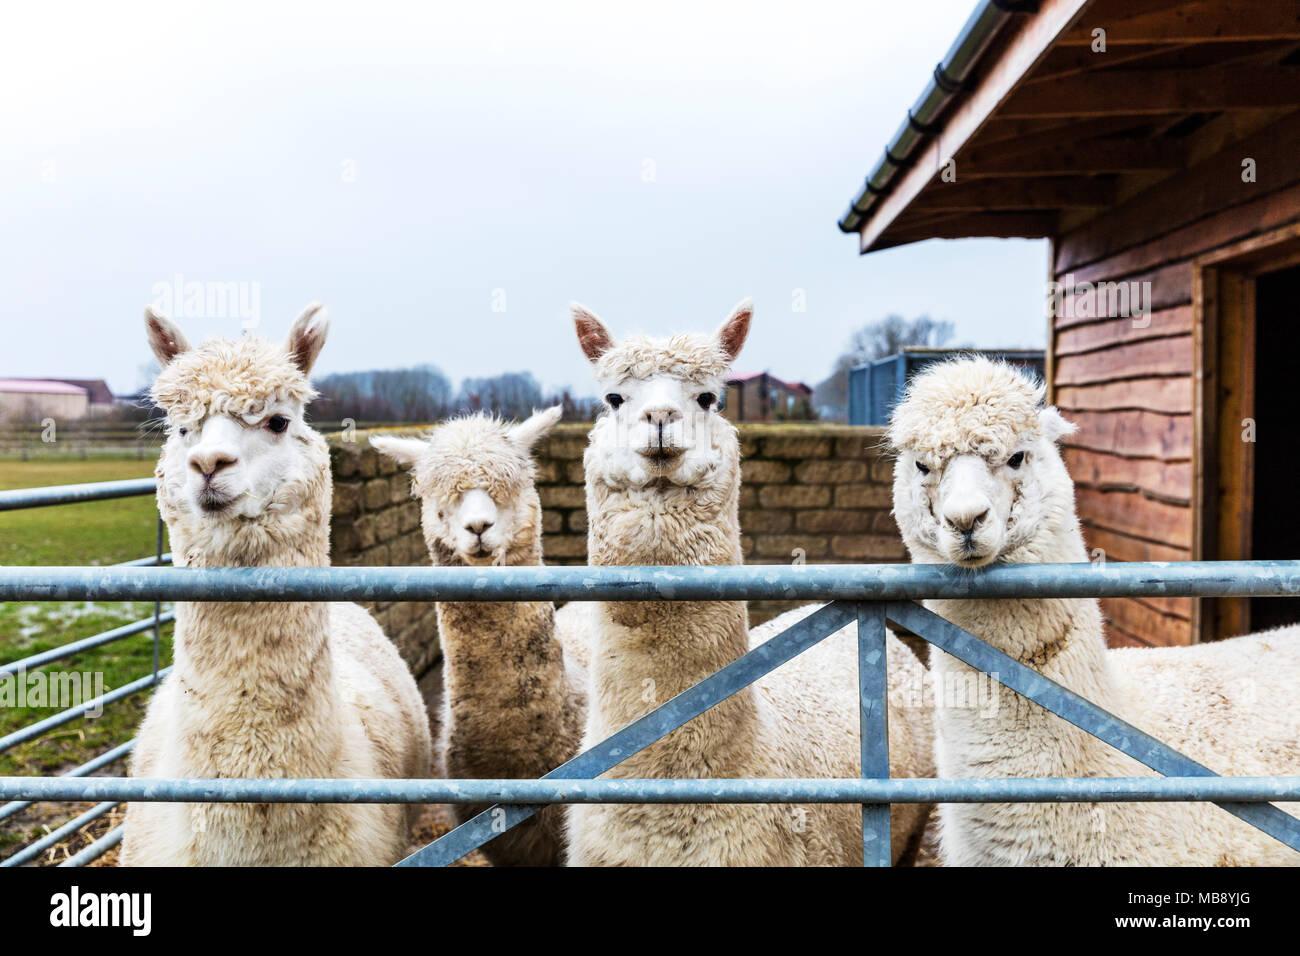 La granja de alpacas, Alpacas, Vicugna pacos, las especies domesticadas de camélidos sudamericanos, la alpaca alpacas mirando más de cerca, lindo alpacas, animalitos, Foto de stock